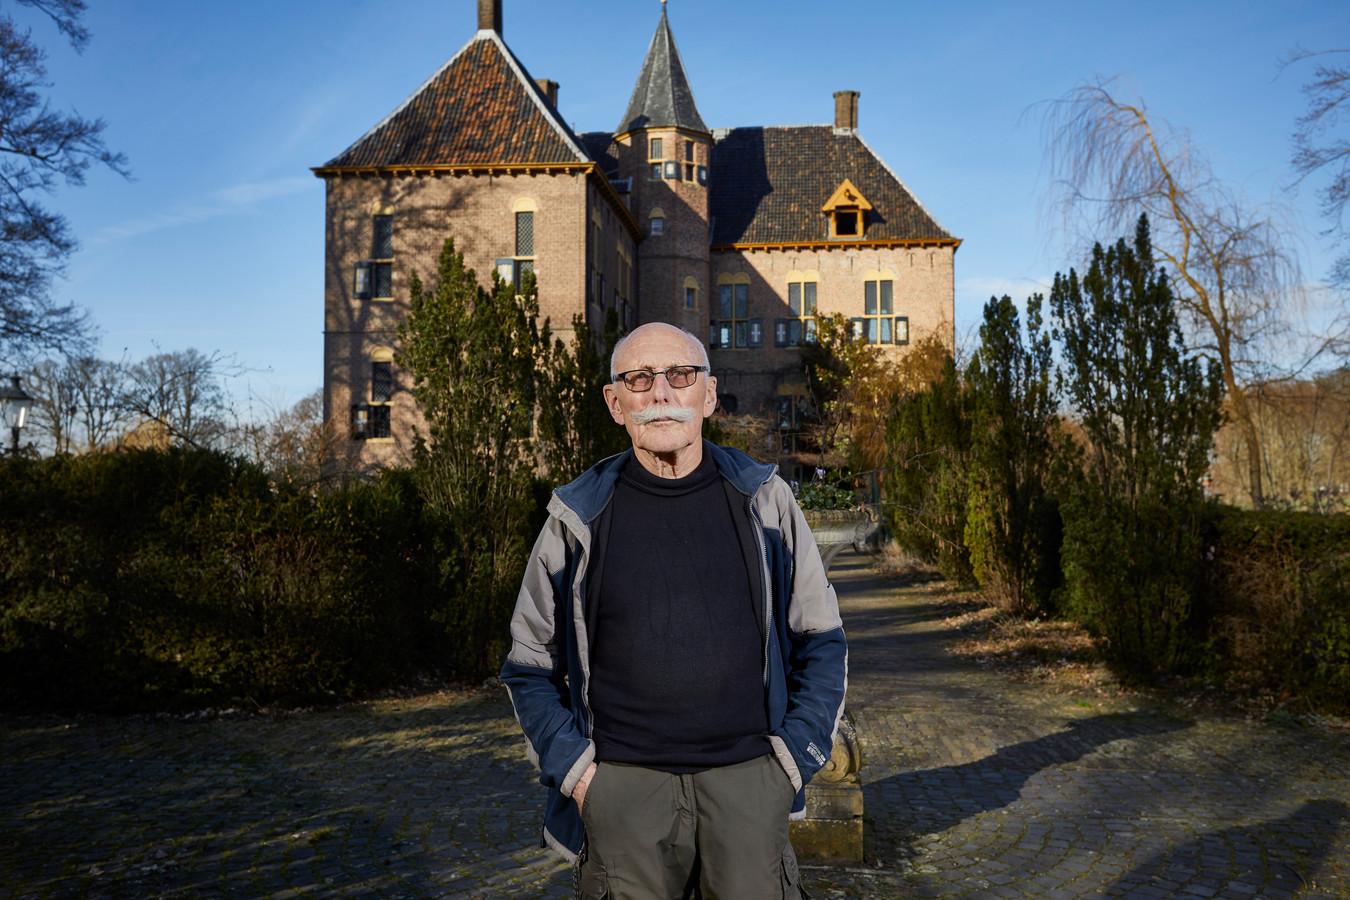 Vordenaar Berd Wegman botste eerder met de bewoners van Kasteel Vorden, toen hij het kasteel aan zijn kleindochter wilde laten zien.